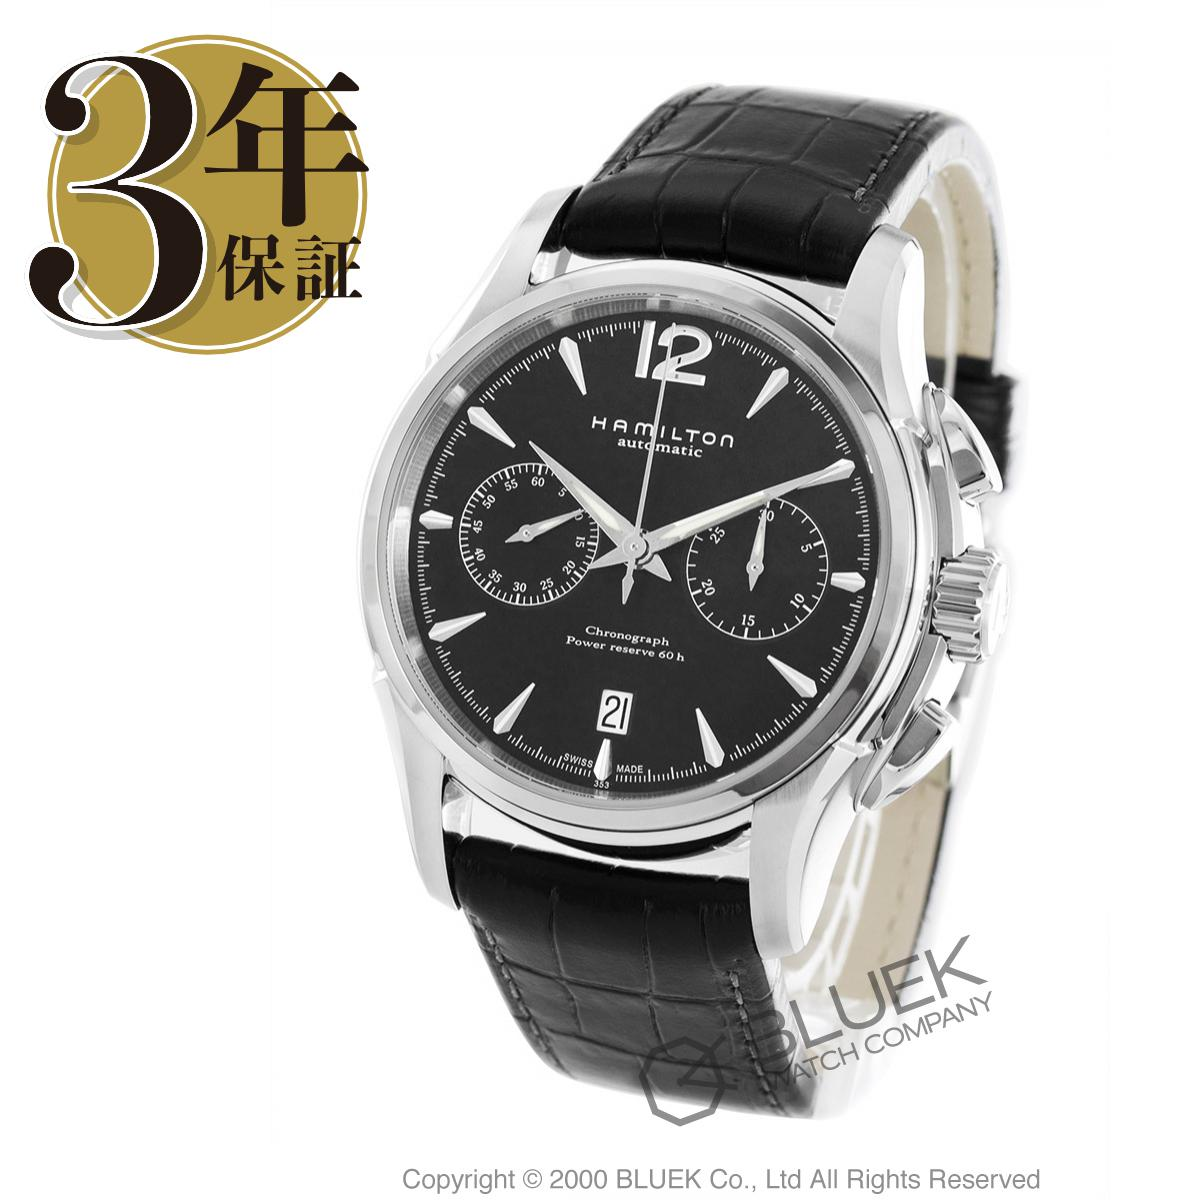 ハミルトン ジャズマスター オート クロノ クロノグラフ 腕時計 メンズ HAMILTON H32606735_8 バーゲン 成人祝い ギフト プレゼント